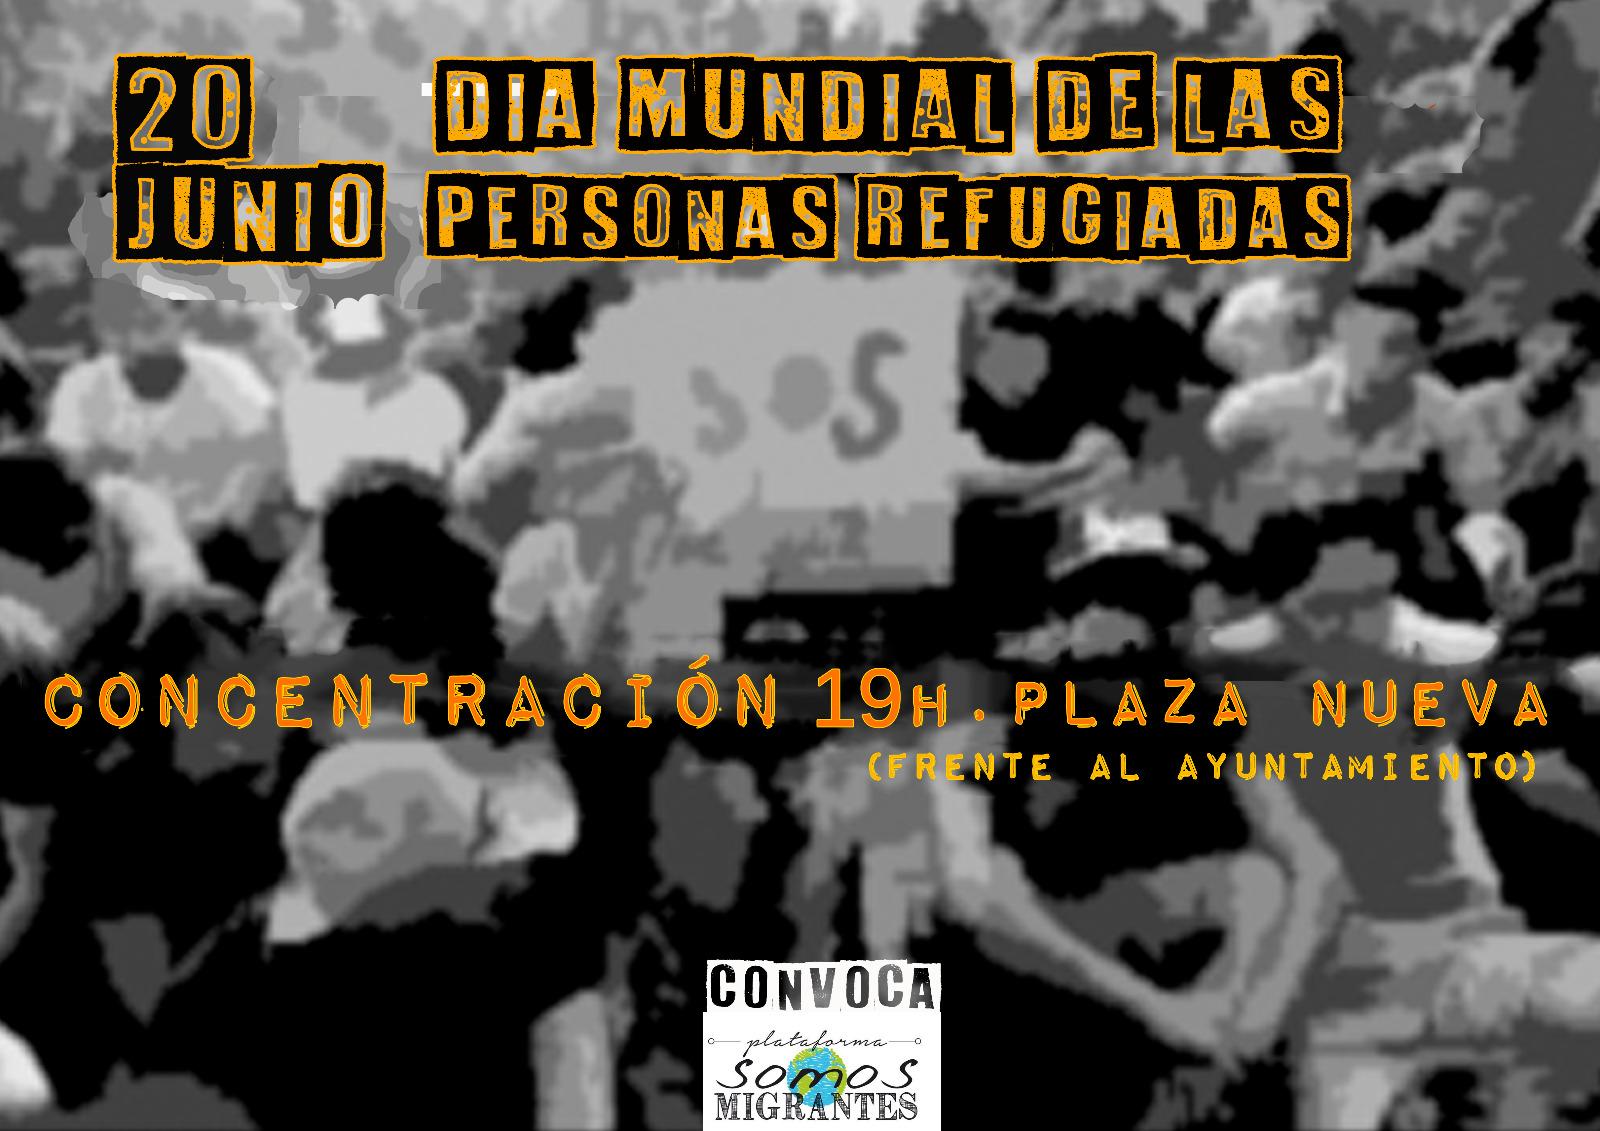 CONCENTRACIÓN DÍA MUNDIAL DE LAS PERSONAS REFUGIADAS